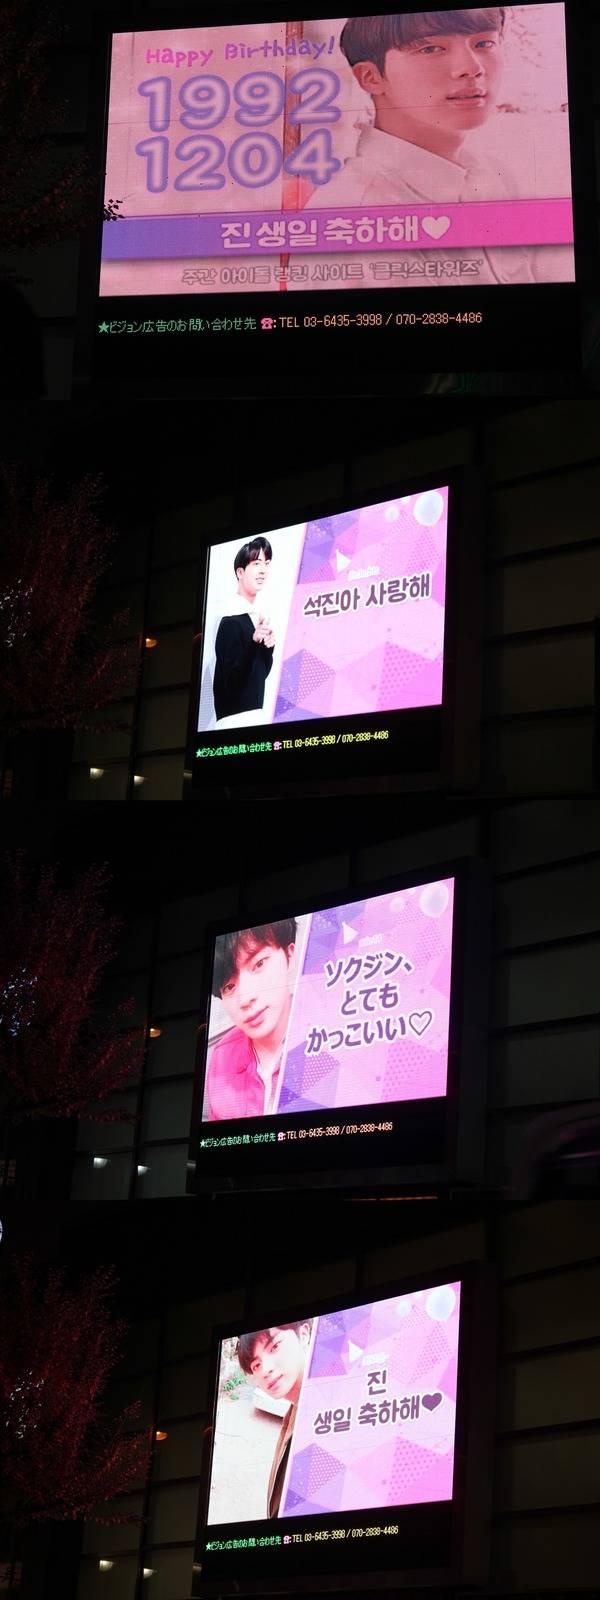 東京・新大久保電光掲示板でサプライズ動画を上映。 写真:Click! StarWars